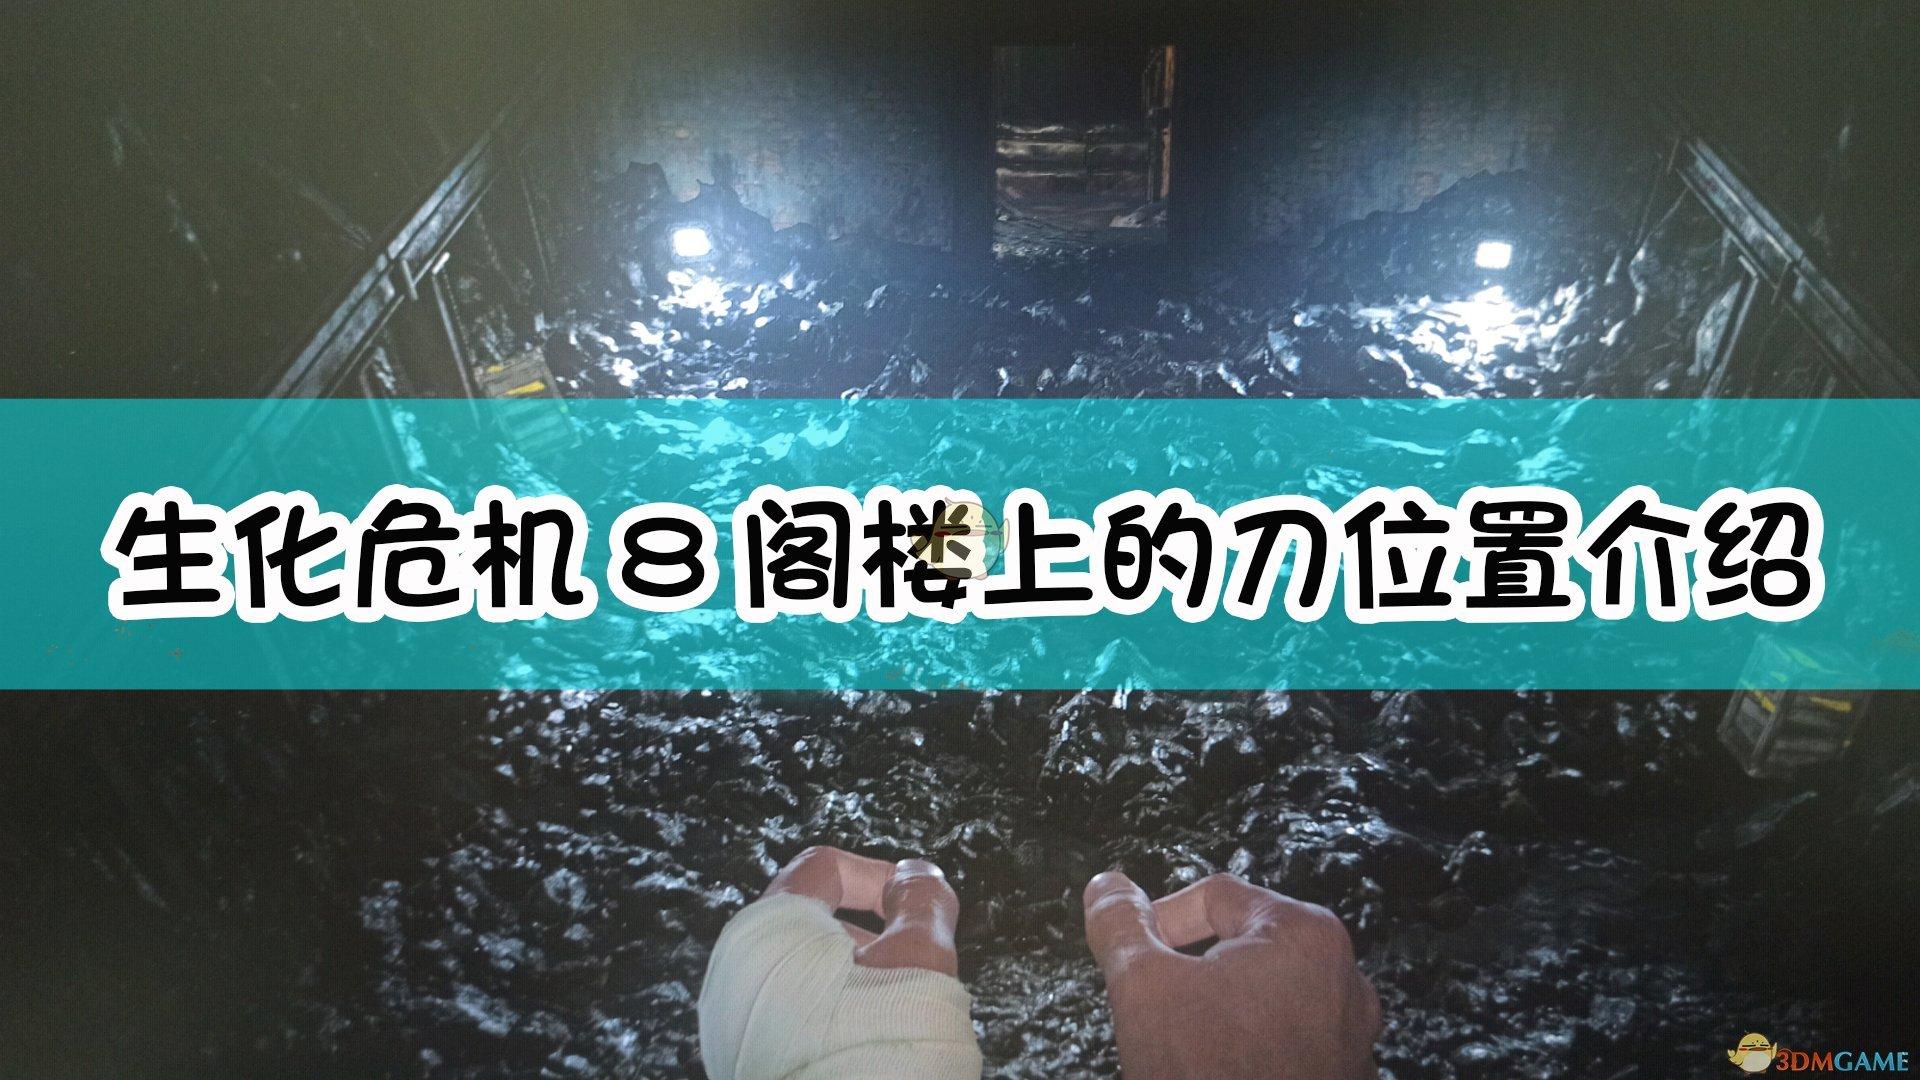 《生化危机8:村庄》阁楼上的刀位置介绍